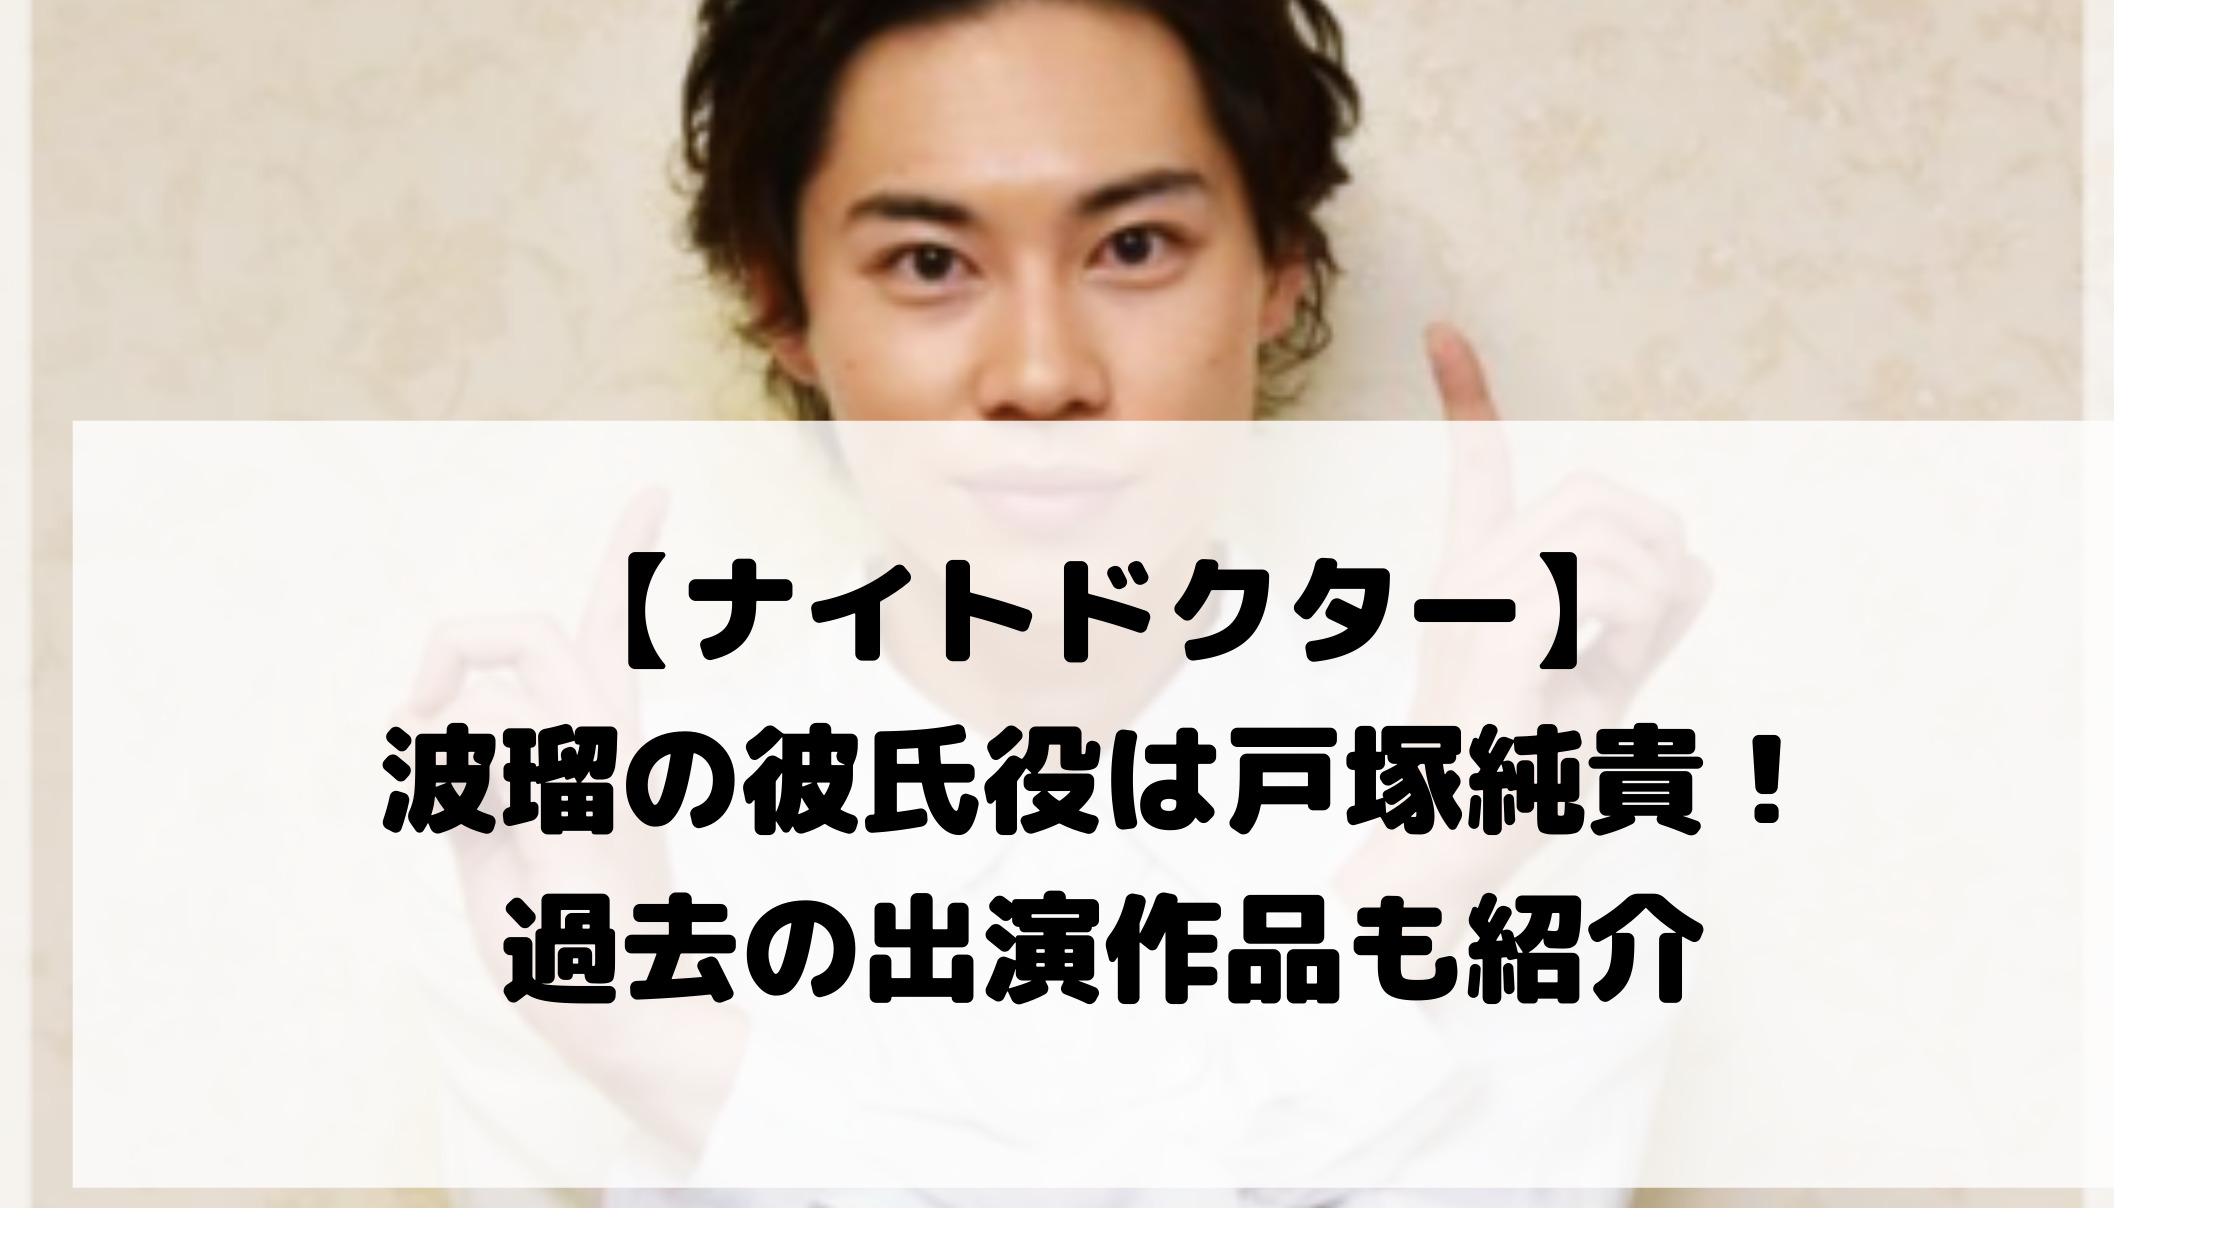 【ナイトドクター】波瑠の彼氏役は戸塚純貴!過去の出演作品も紹介